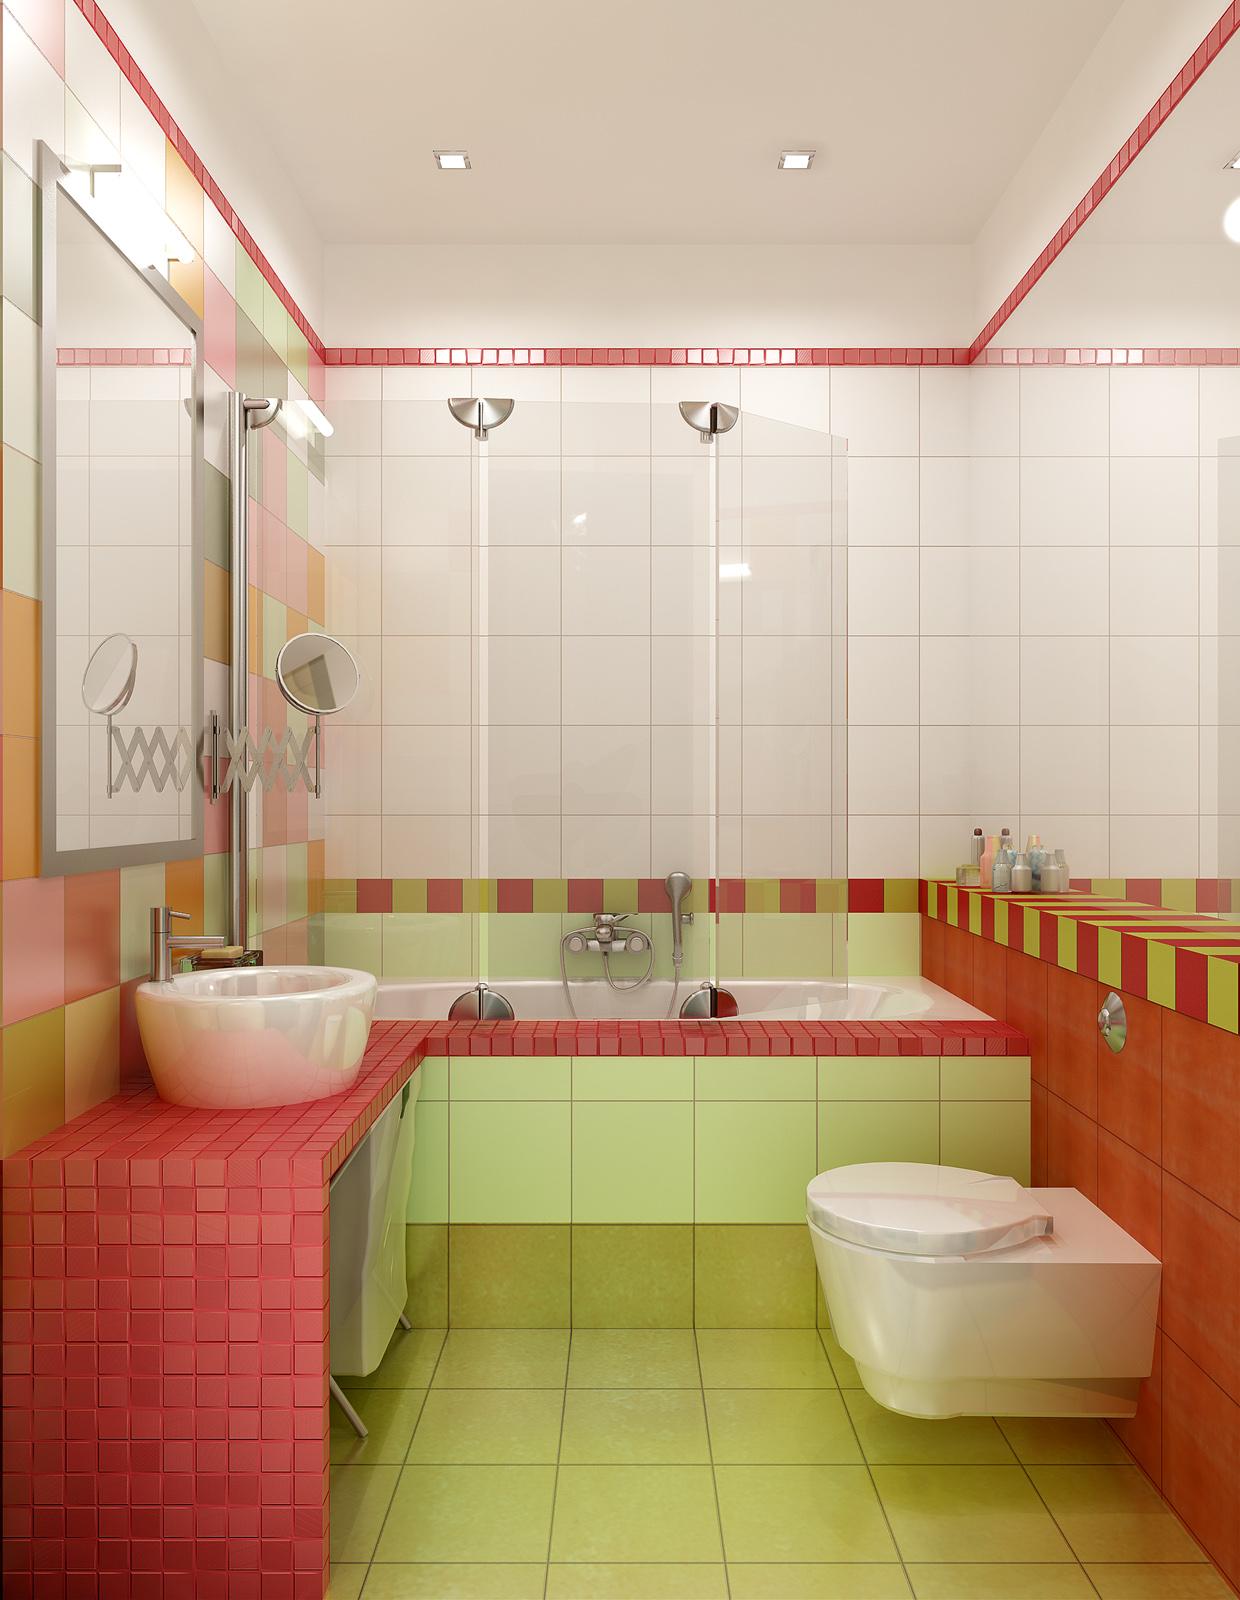 Секс в маленькой ванной комнате как быть 11 фотография